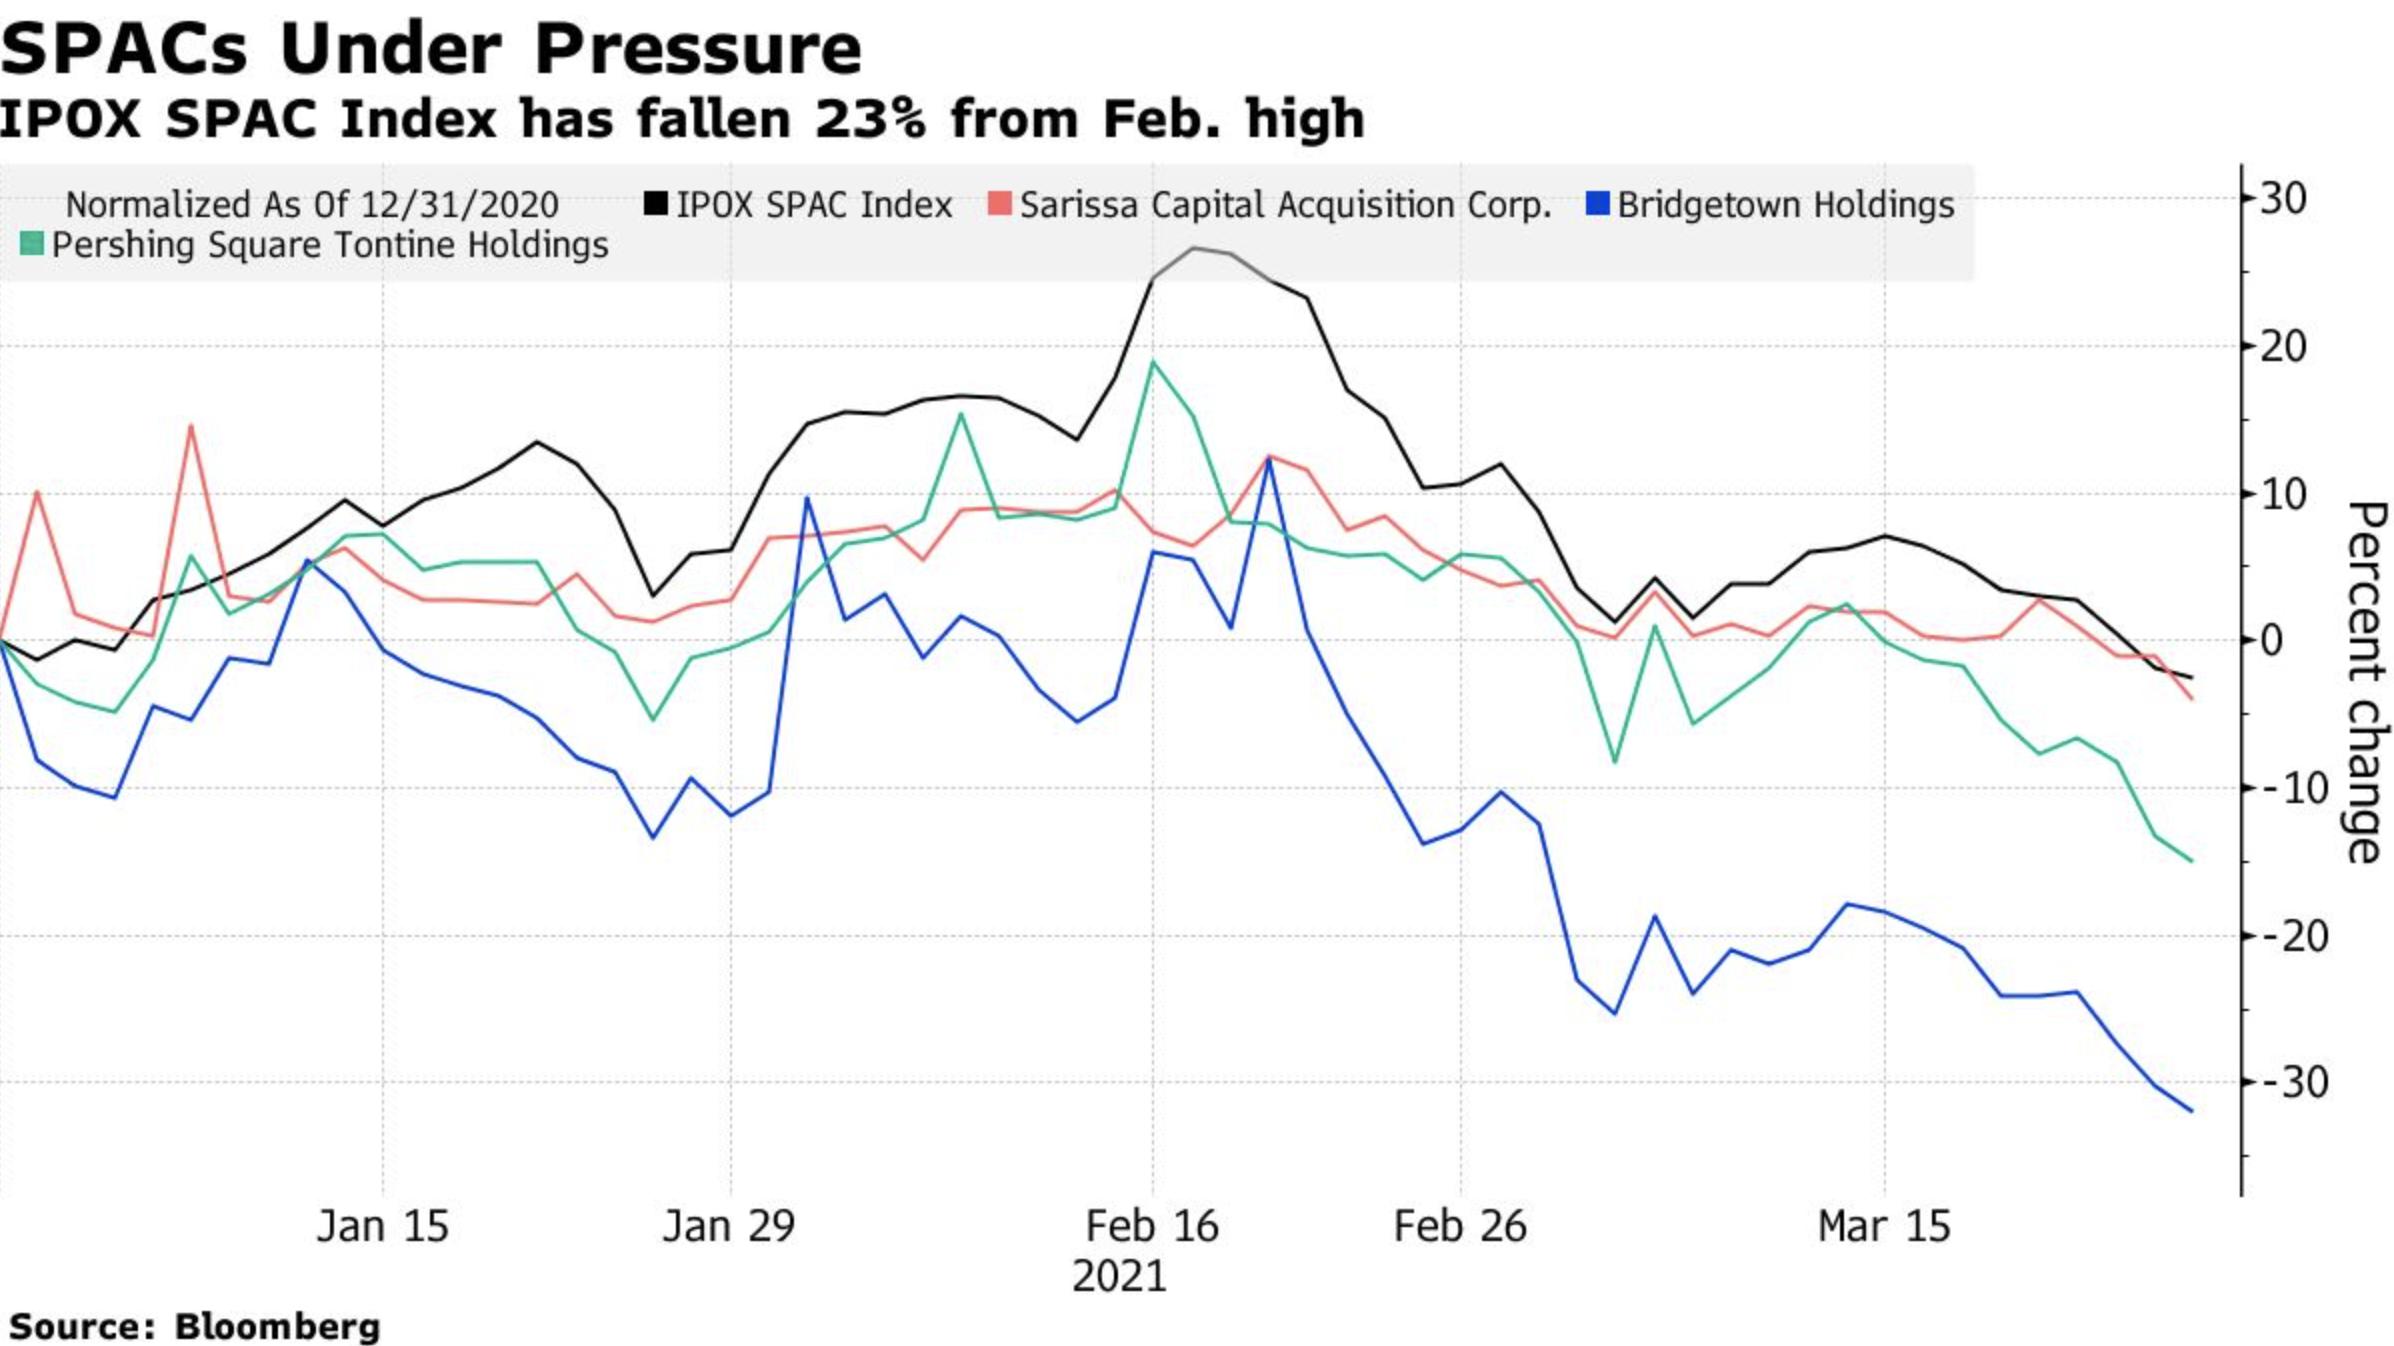 SPACs Under Pressure - Bloomberg